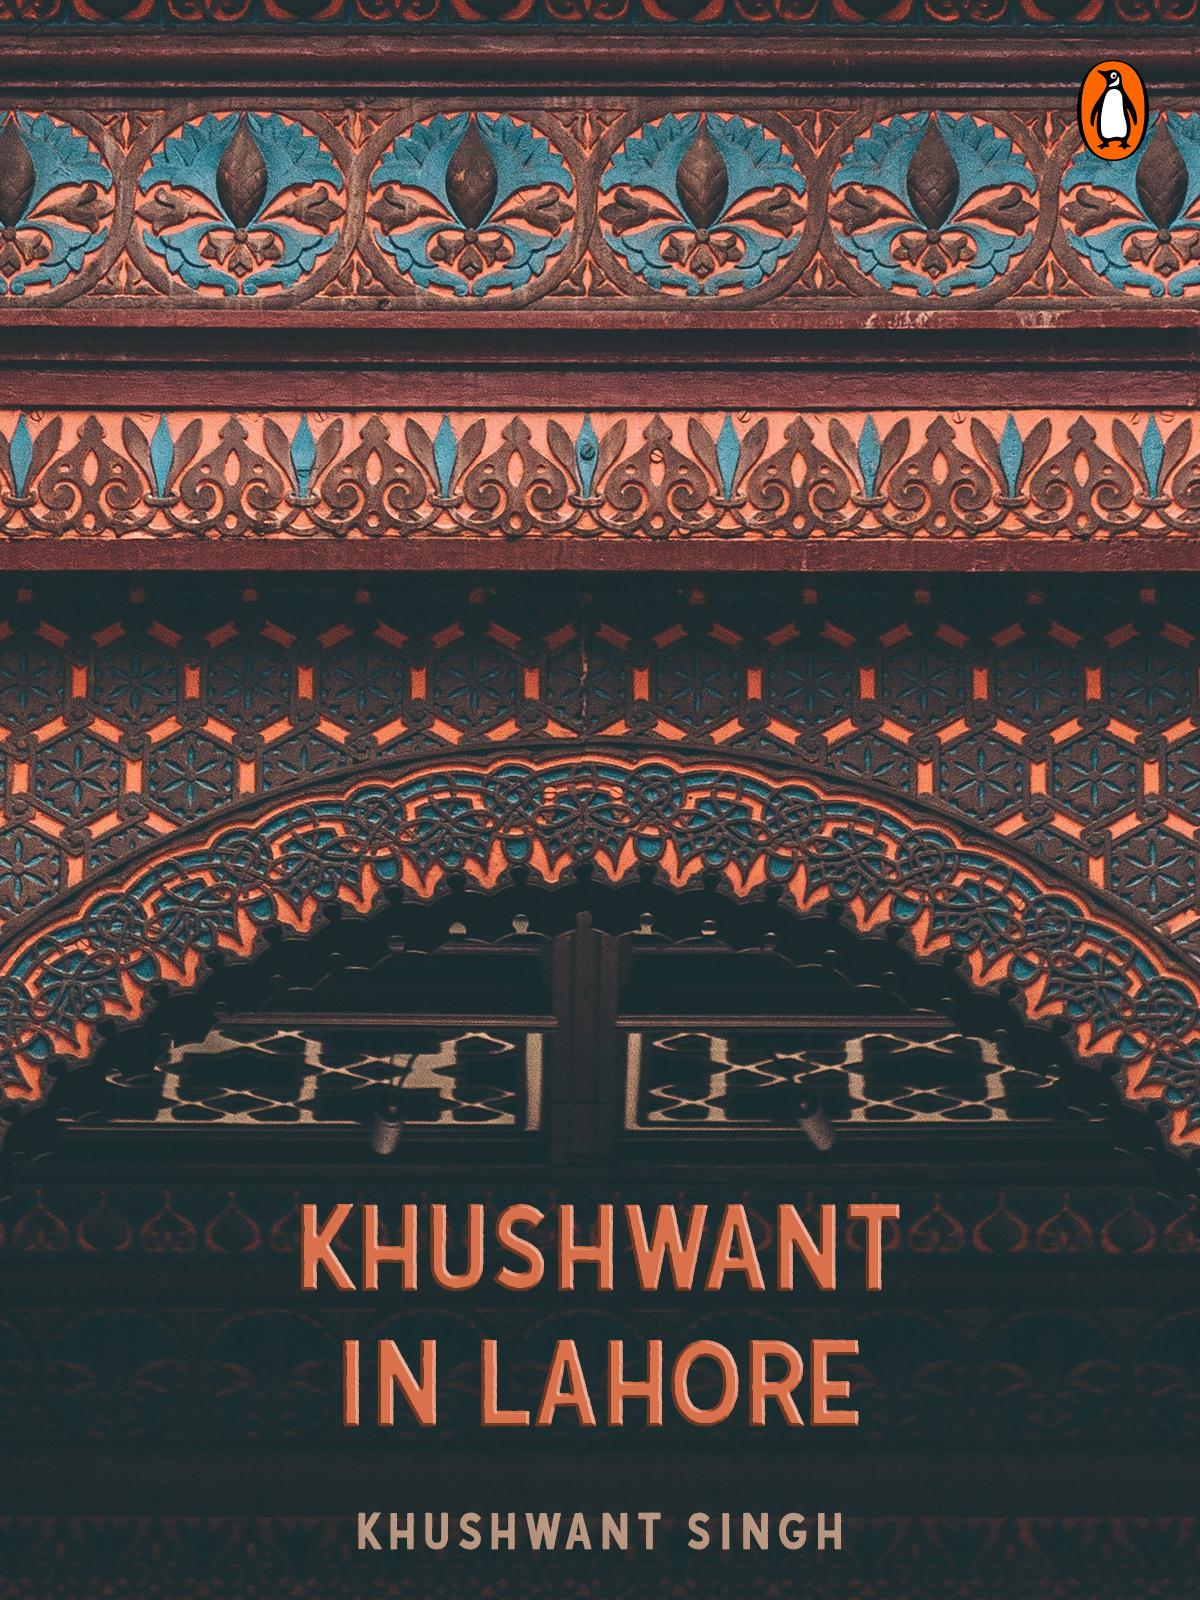 Khushwant in Lahore